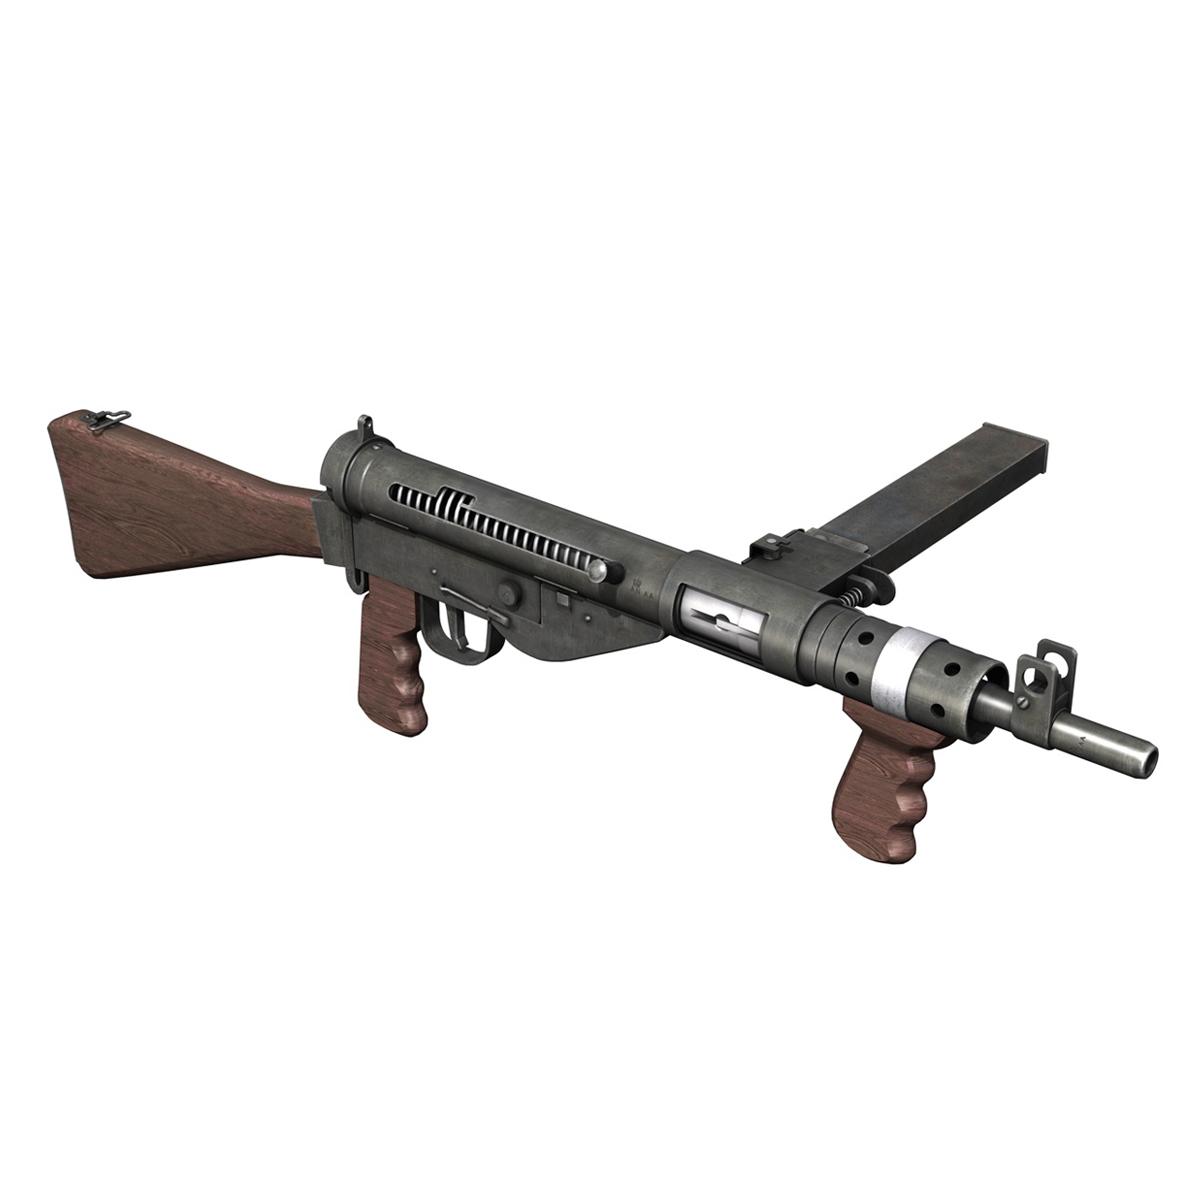 sten mk.v submachine gun 3d model 3ds fbx c4d lwo obj 195123